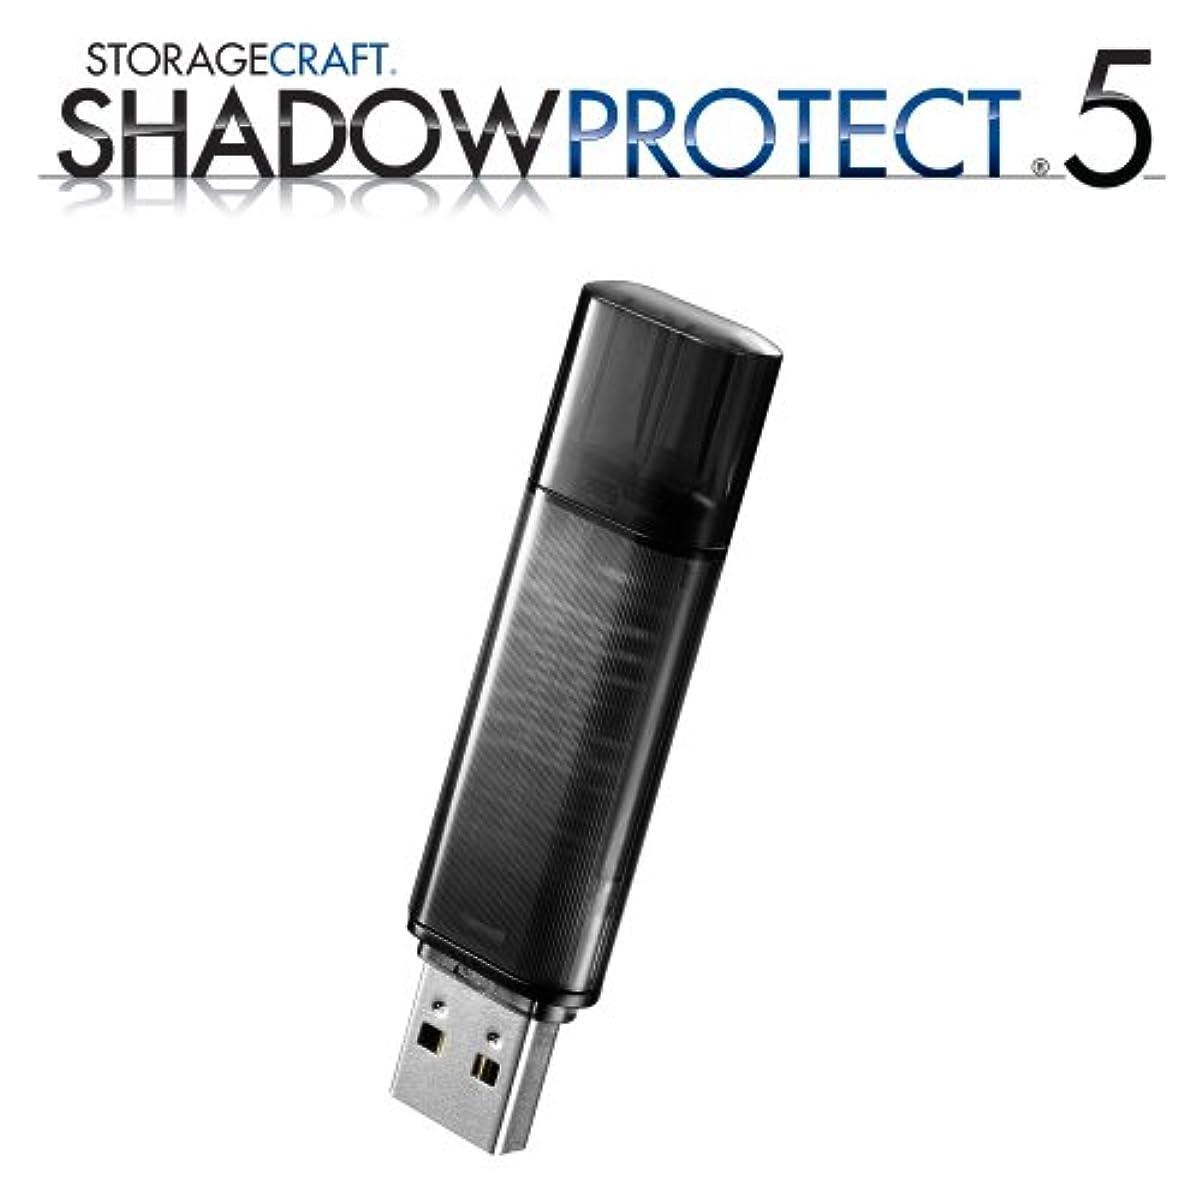 欲求不満懲らしめ帰するアイ?オー?データ機器 LAN DISK Z用 ShadowProtect5 for I-O DATA